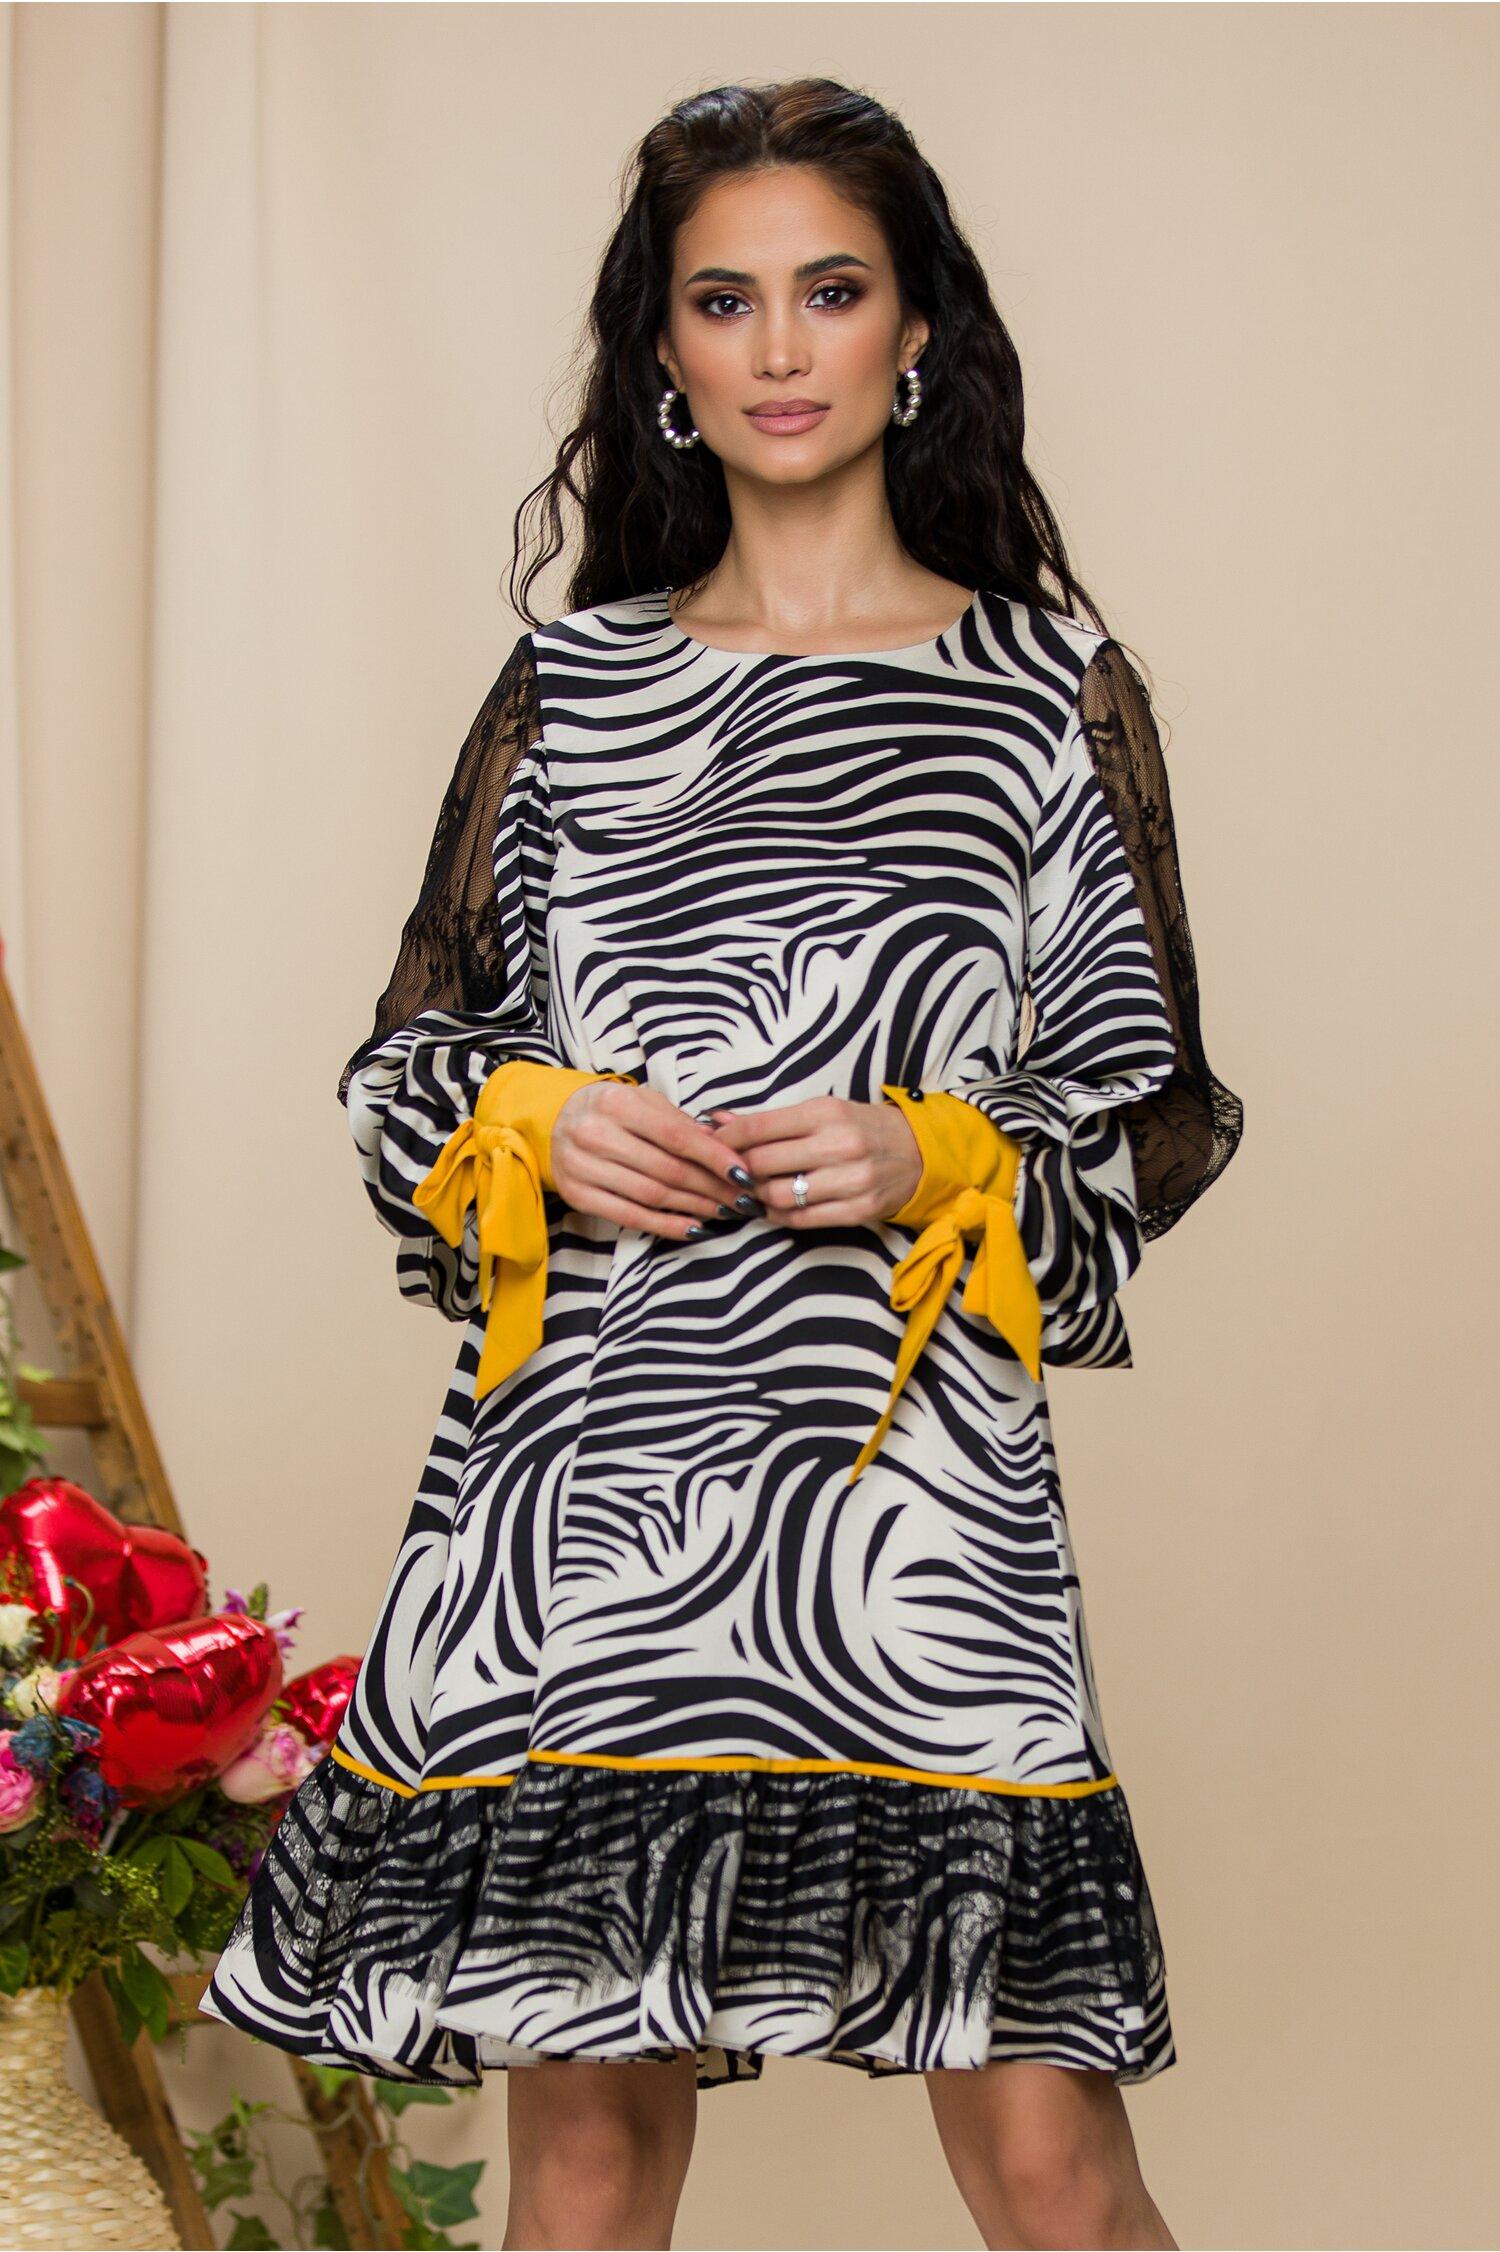 Rochie LaDonna cu zebra print si detalii galbene